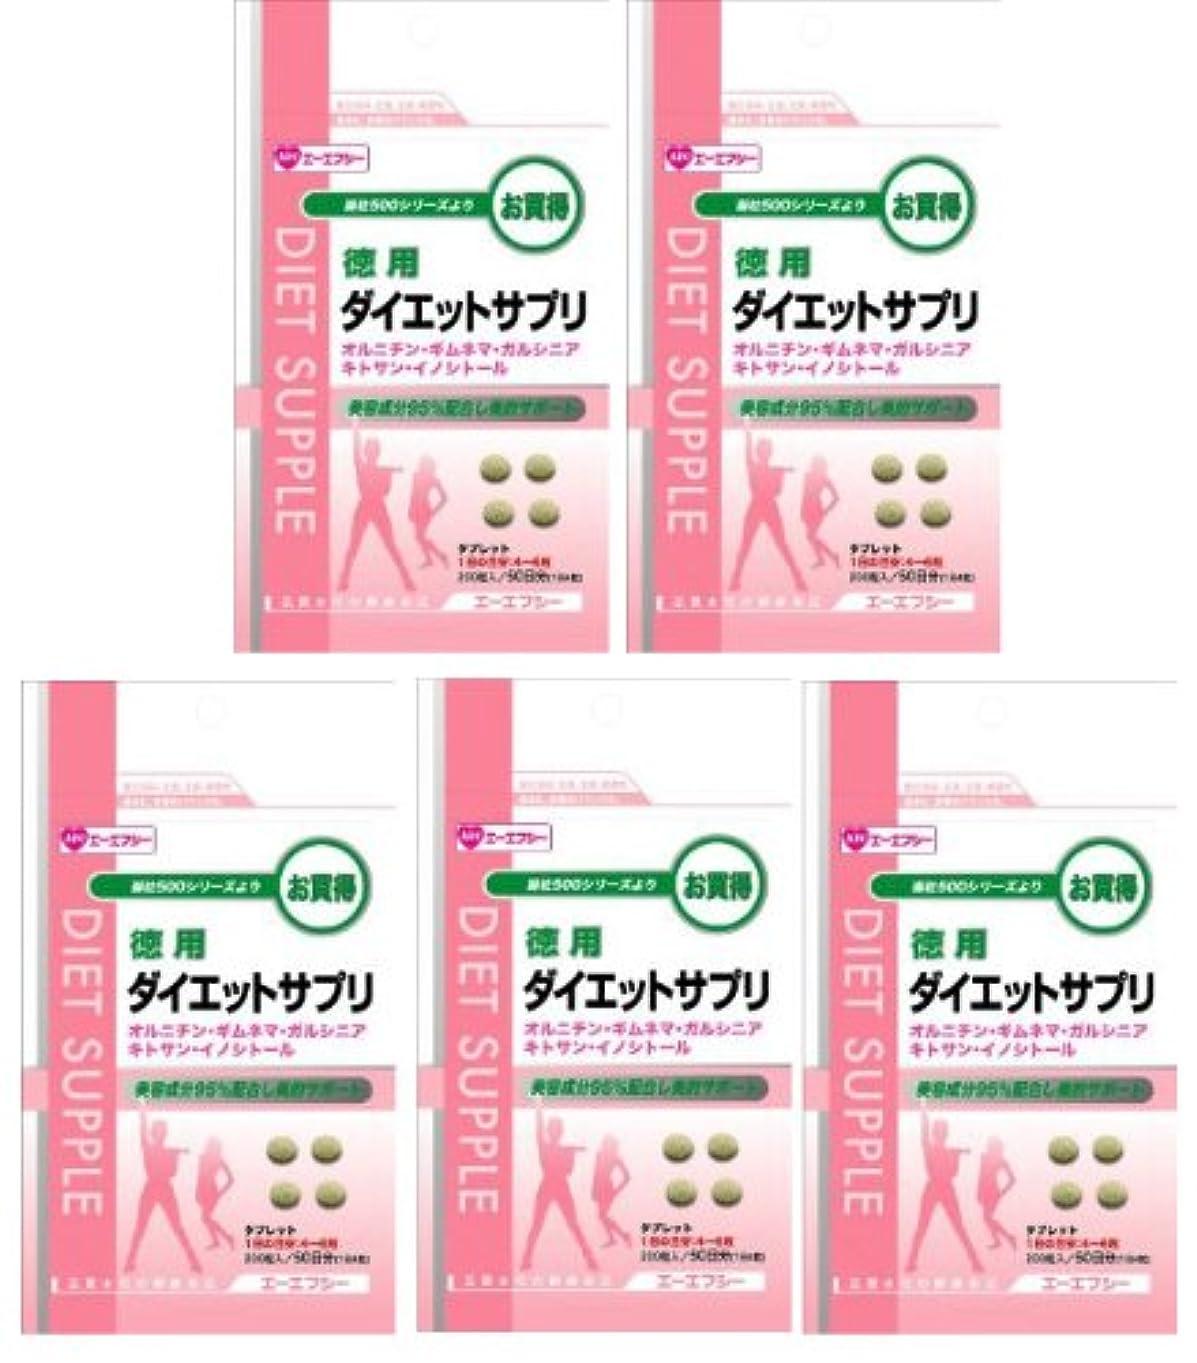 砲撃貫通する郵便物AFC 徳用 ダイエットサプリ 200粒入 (約50日分)【5袋セット】